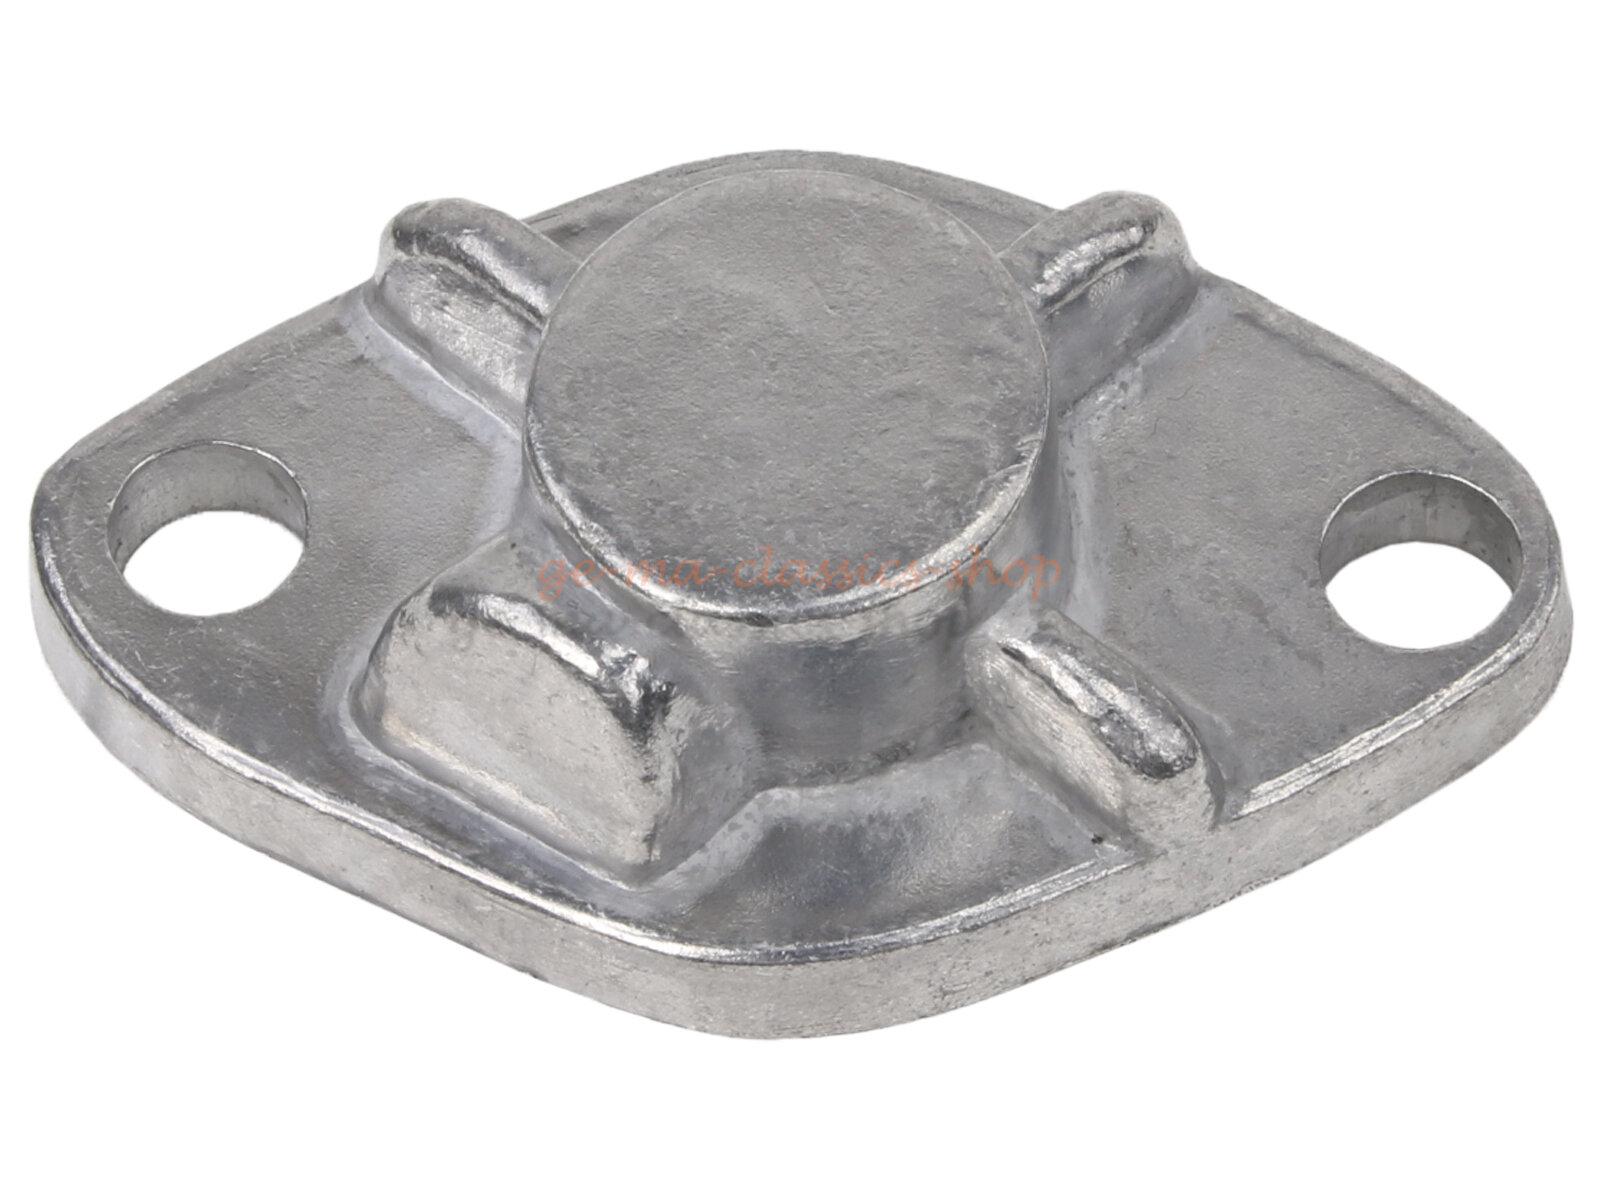 Verschlussdeckel für VW Typ3 Motor